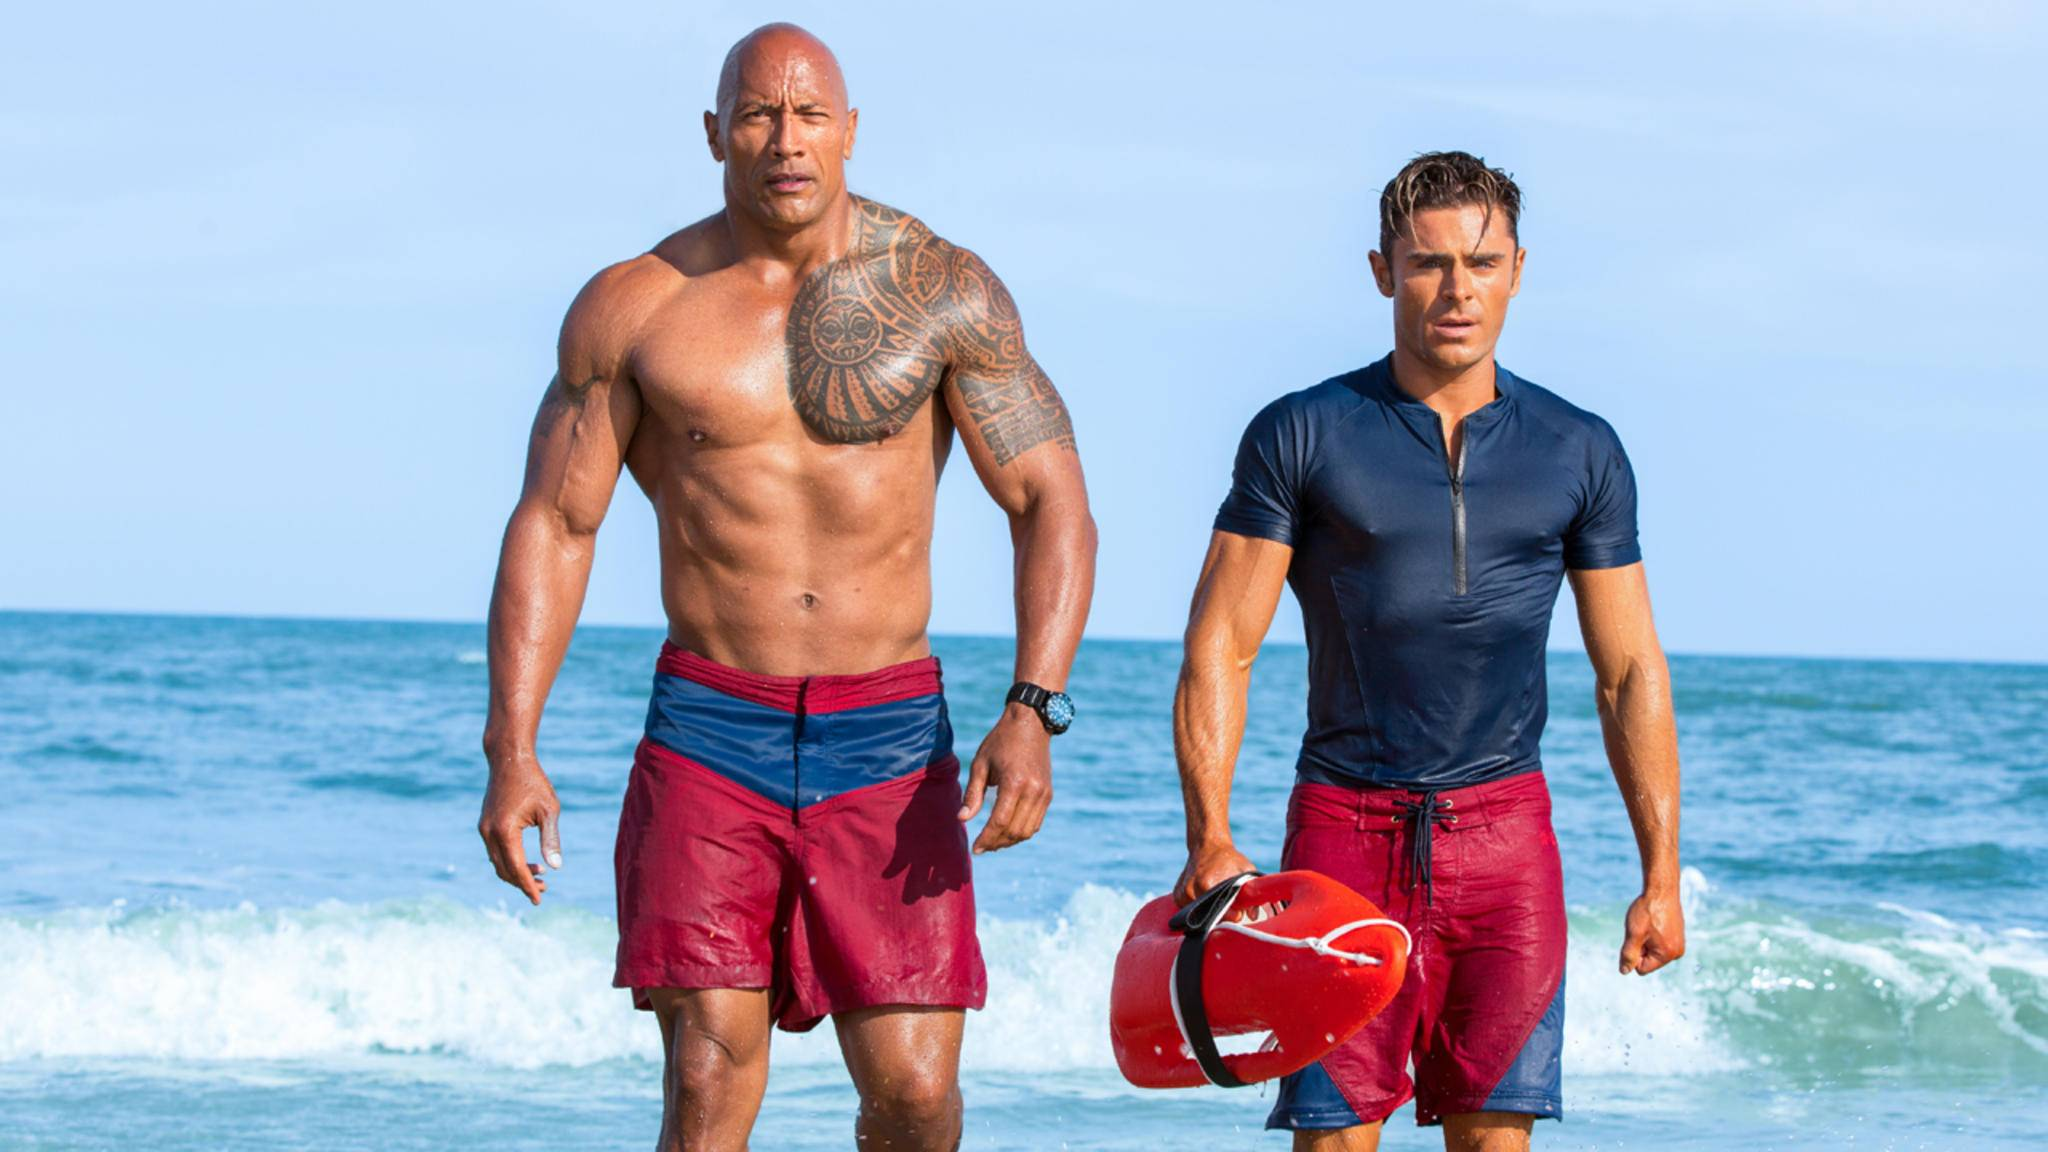 Rettungsschwimmer mit Leib und Seele: Mitch Buchannon (l., Dwayne Johnson) und Matt Brody (r., Zac Efron).